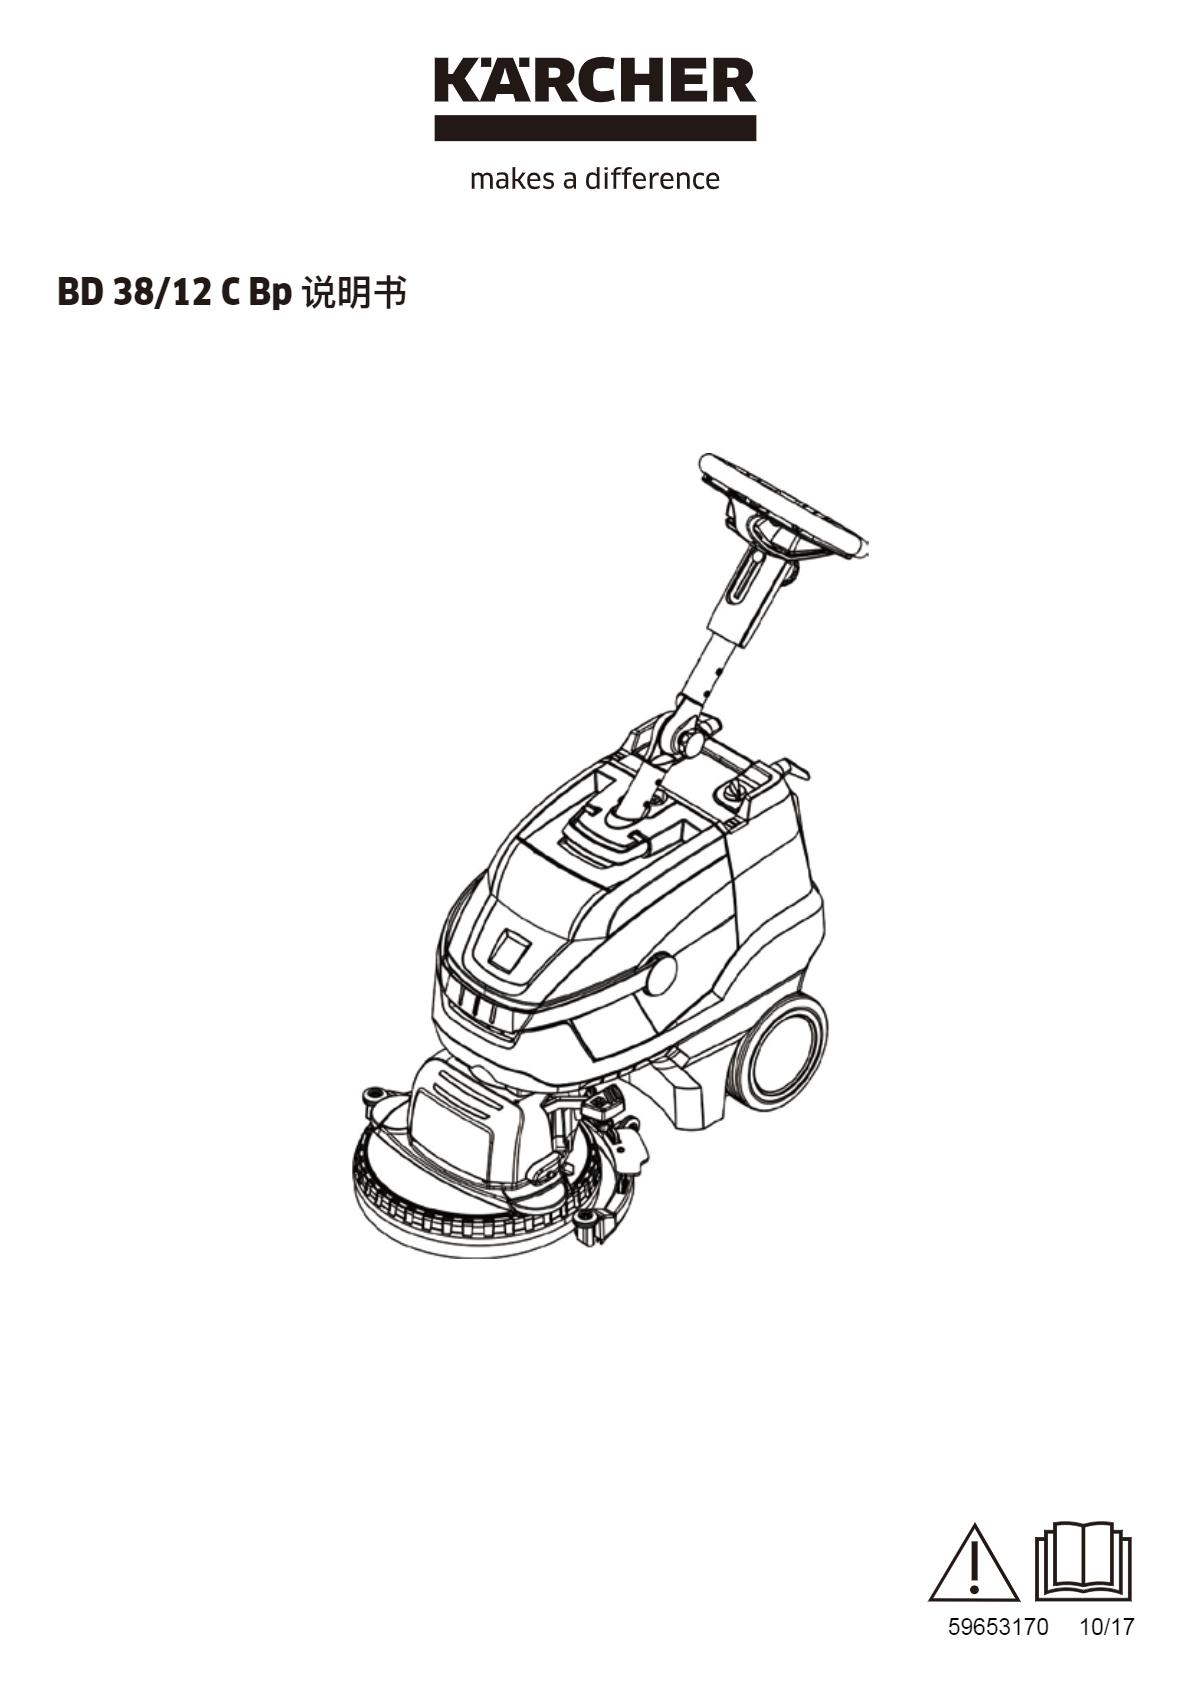 洗地吸干机 BD 38/12 C Bp 说明书说明书下载